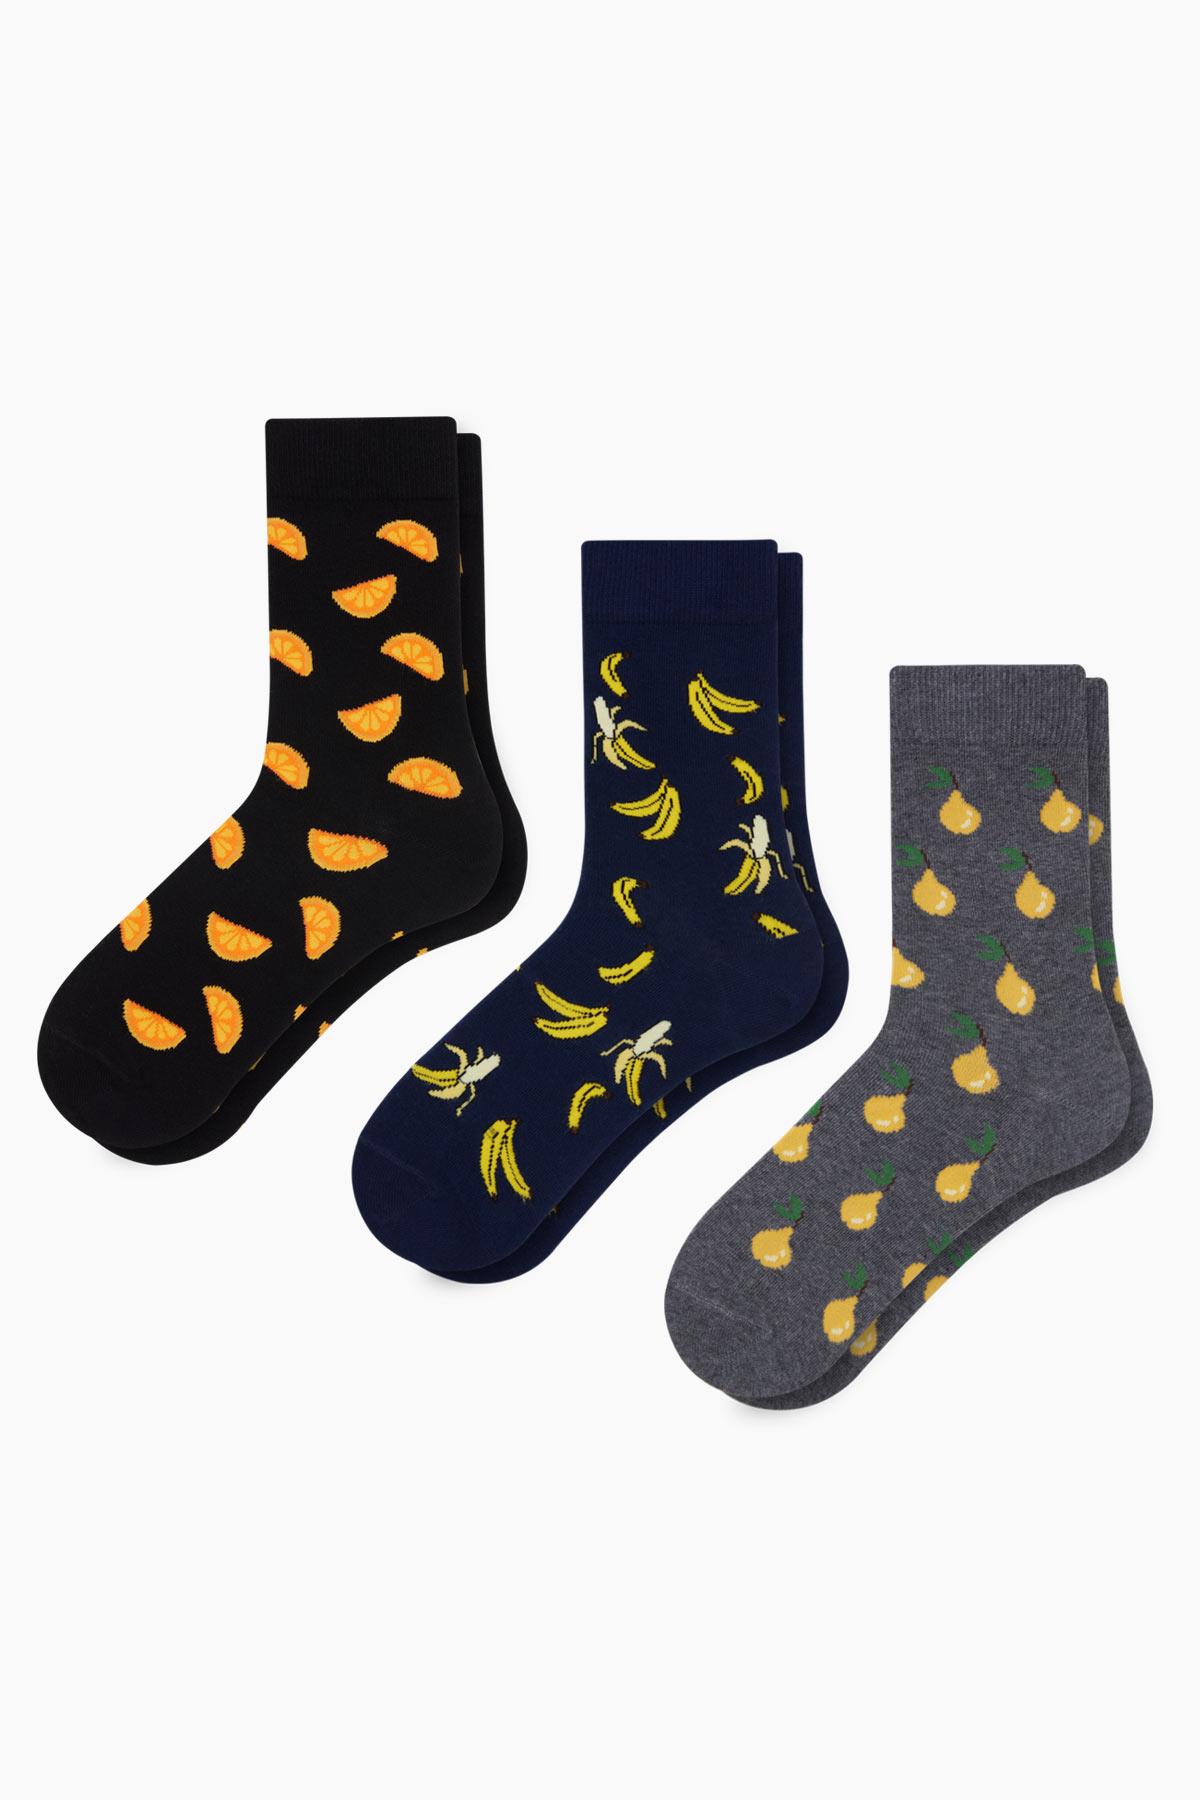 Bross 3'lü Kutu Meyve Desenli Erkek Çorabı